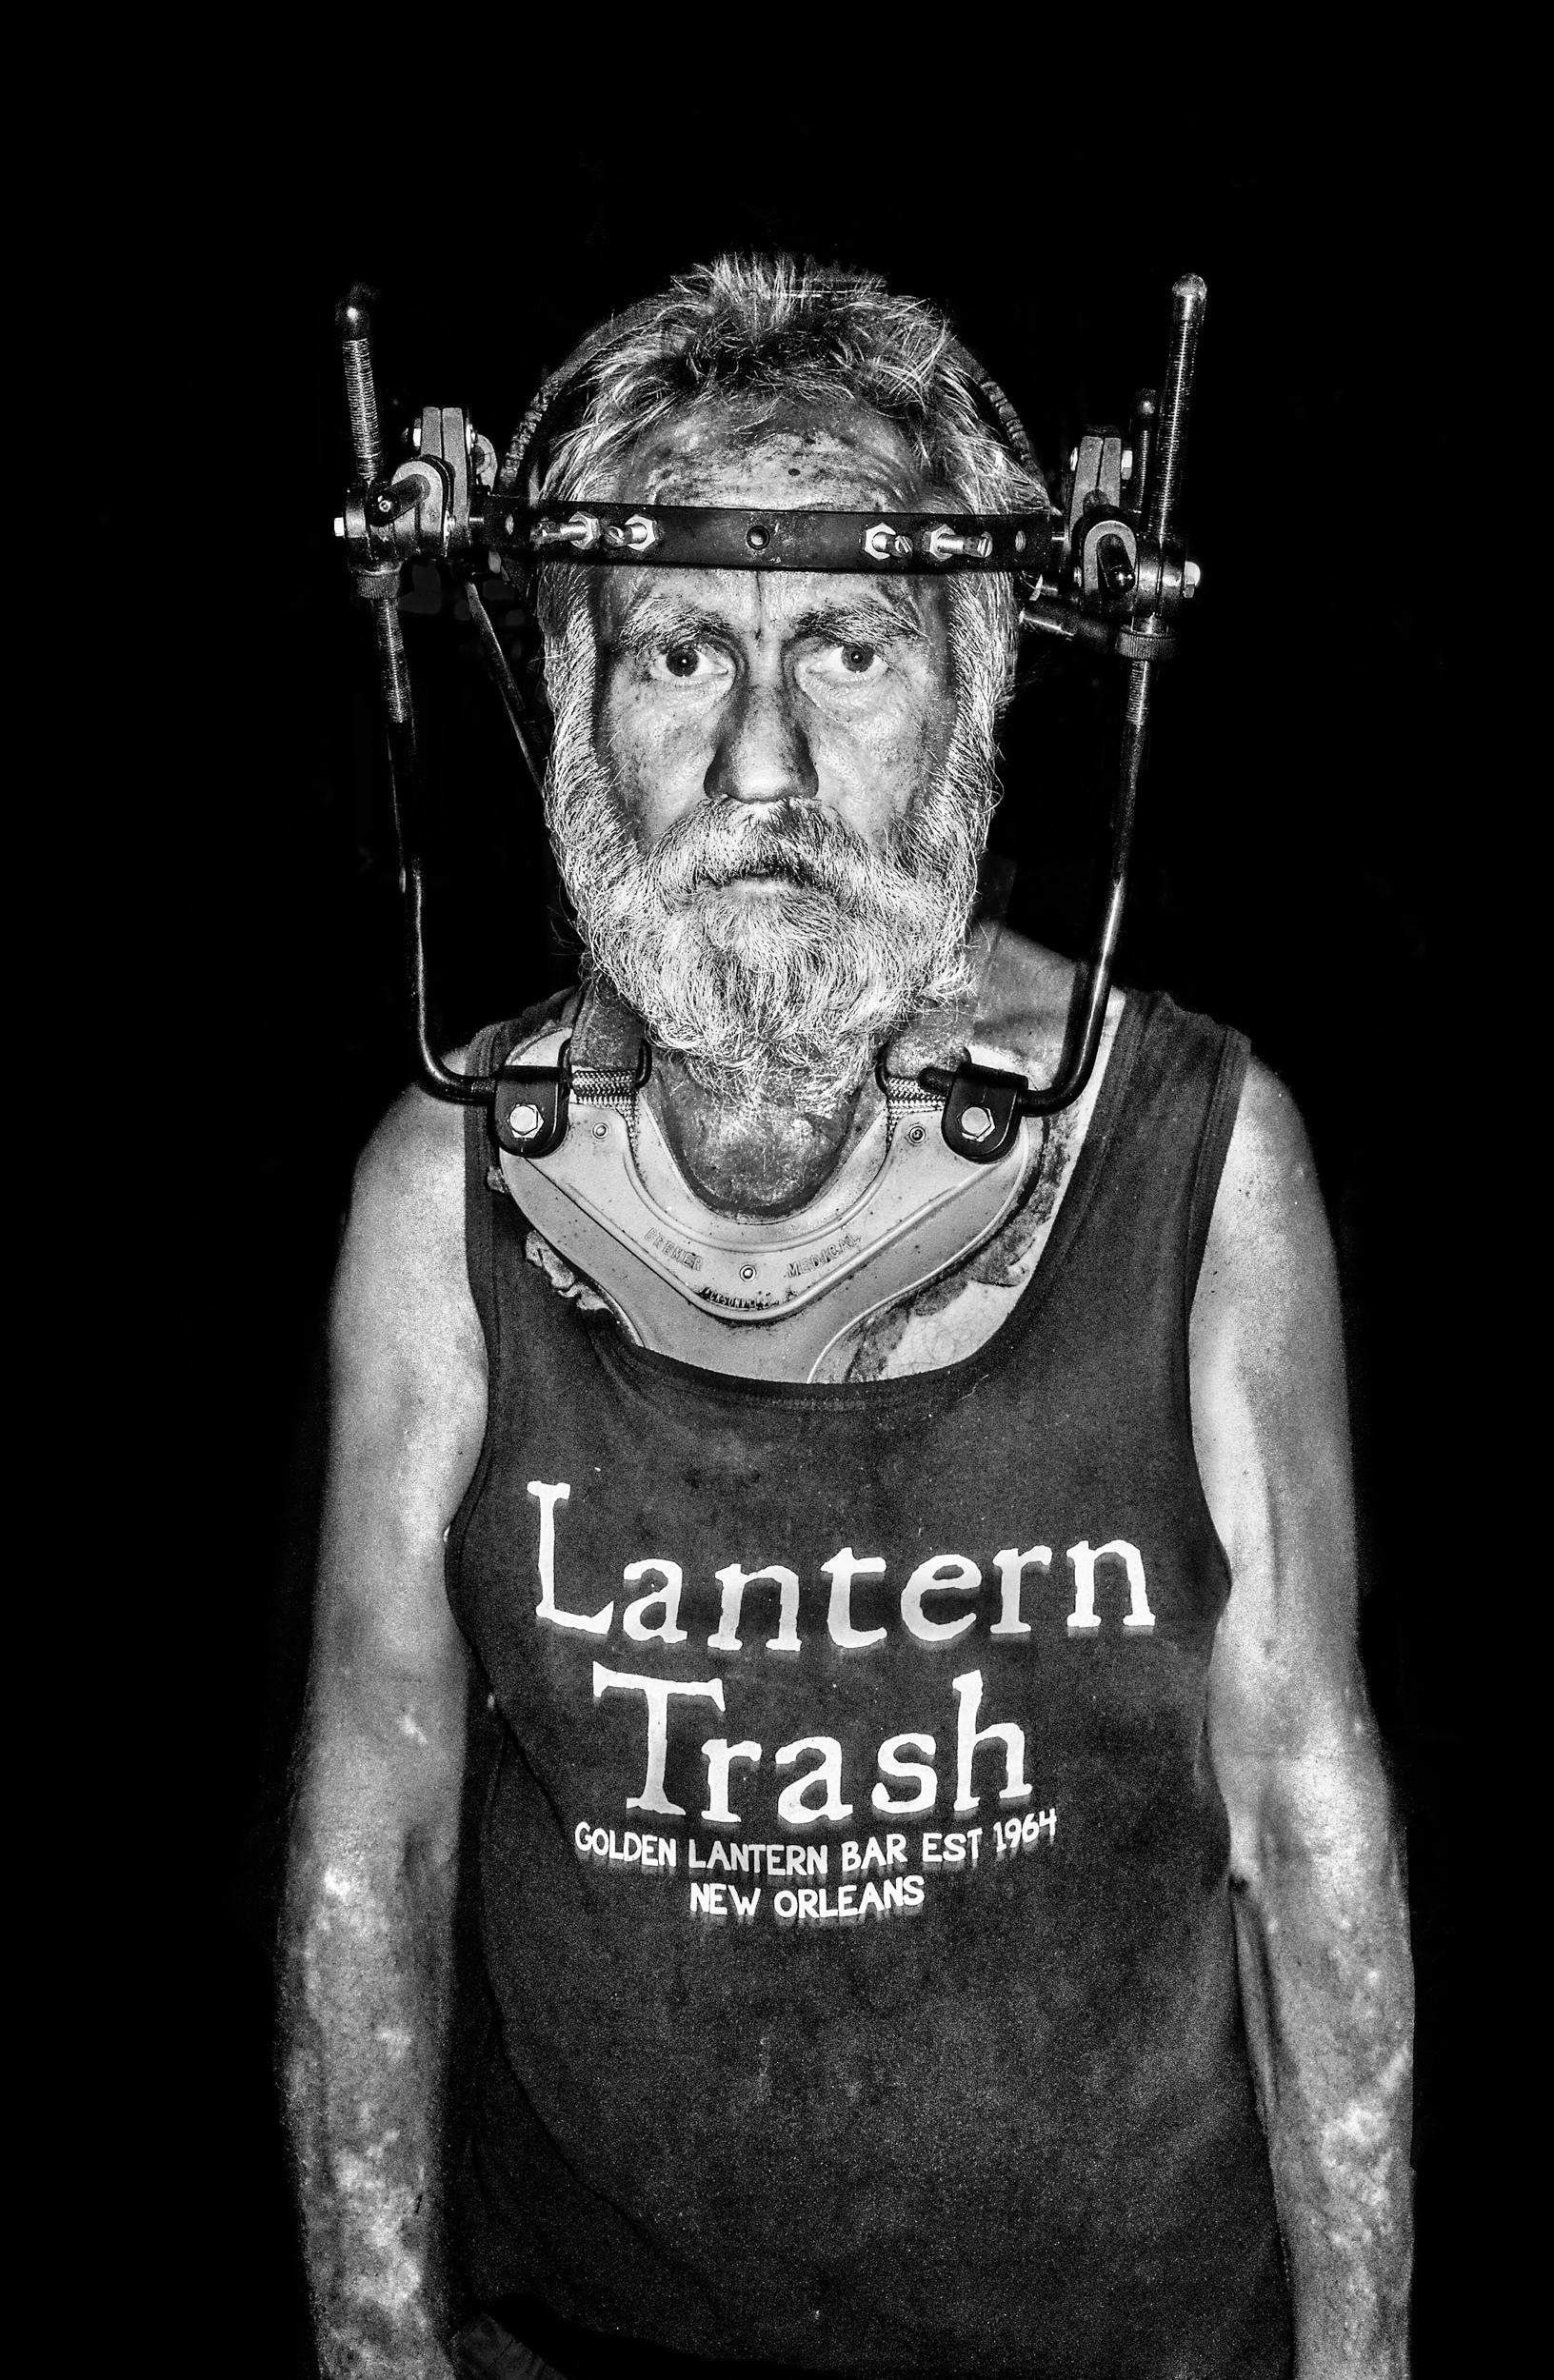 meg_hewitt_Lantern_trash_New_Orleans.jpg